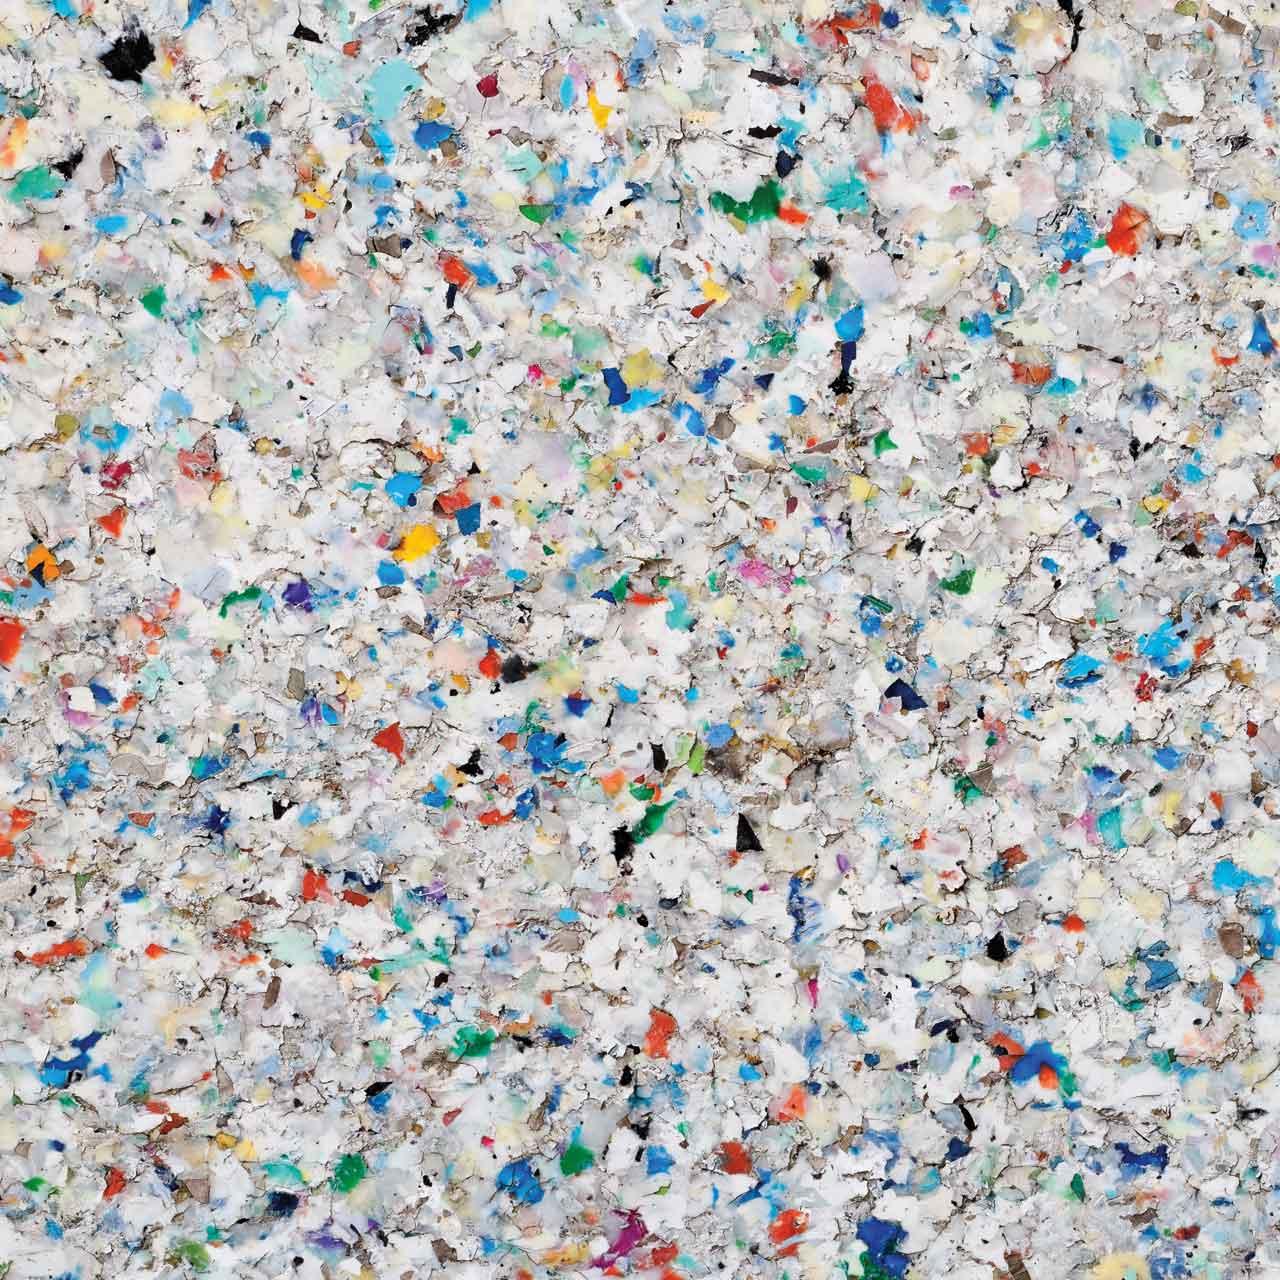 Espace Créatic - Étape intermédiaire lors de la transformation du plastique pour la fabrication des produits en matériau recyclé 100% recyclables